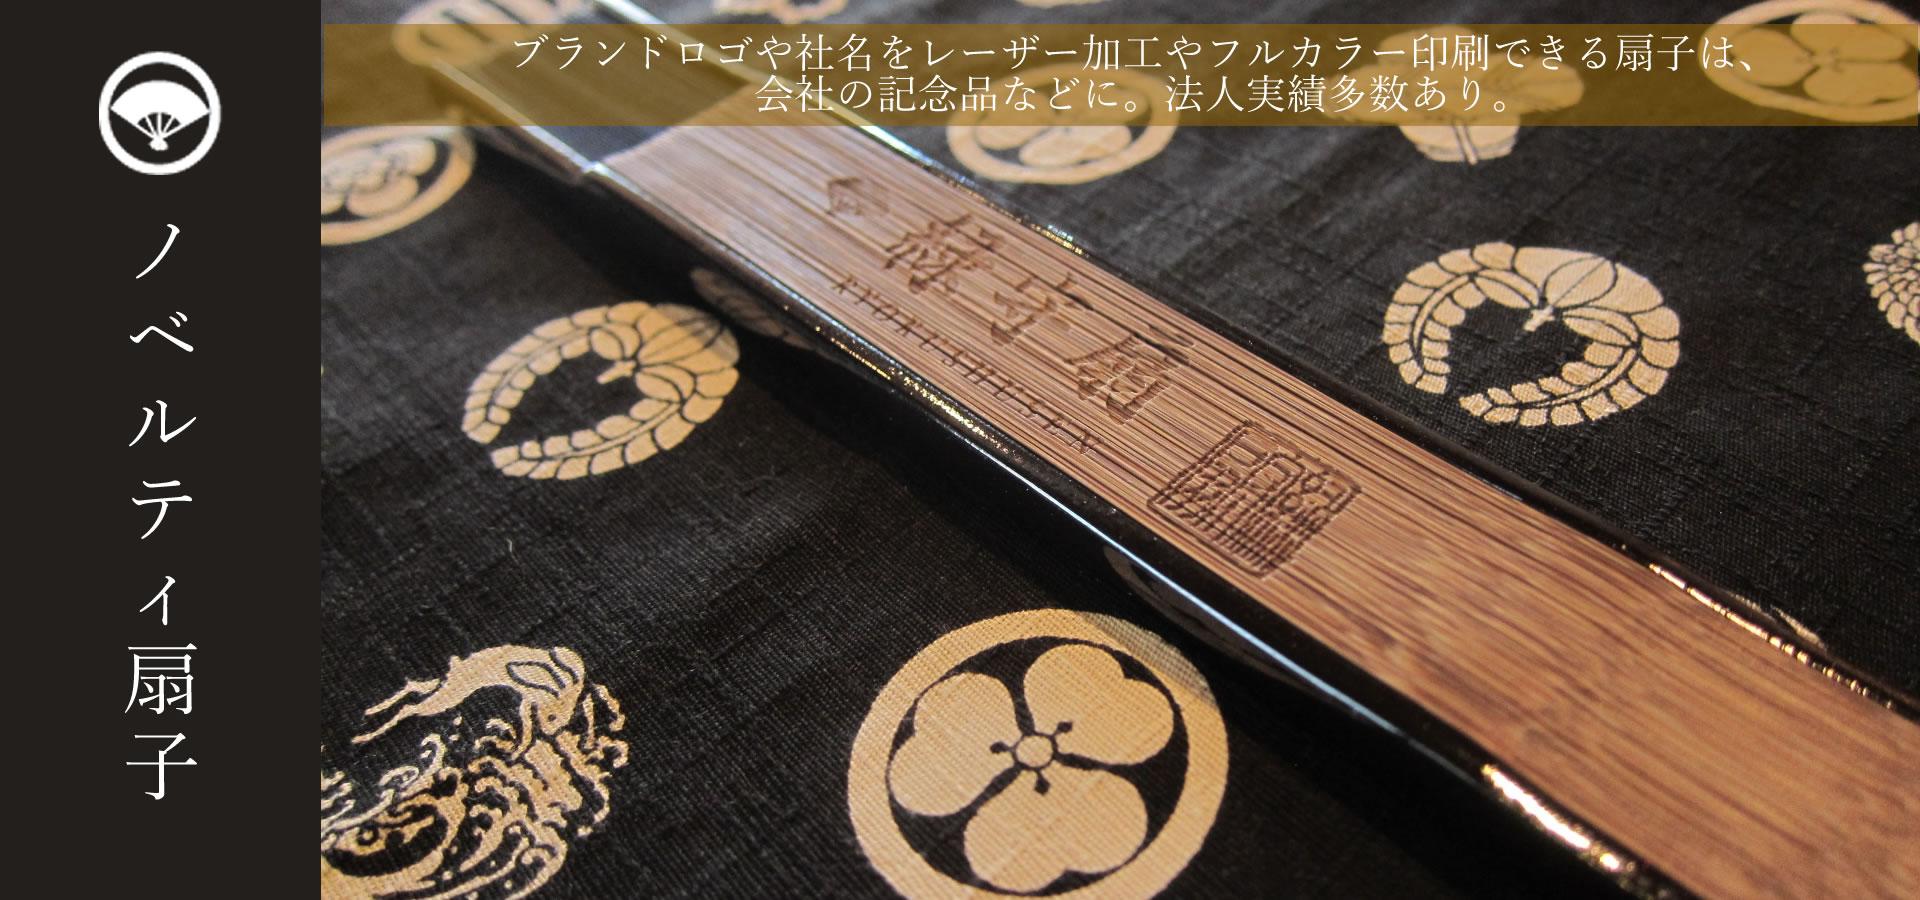 「席札」や「引出物」として人生の記念日を飾る縁起の扇子「SUEHIRO」